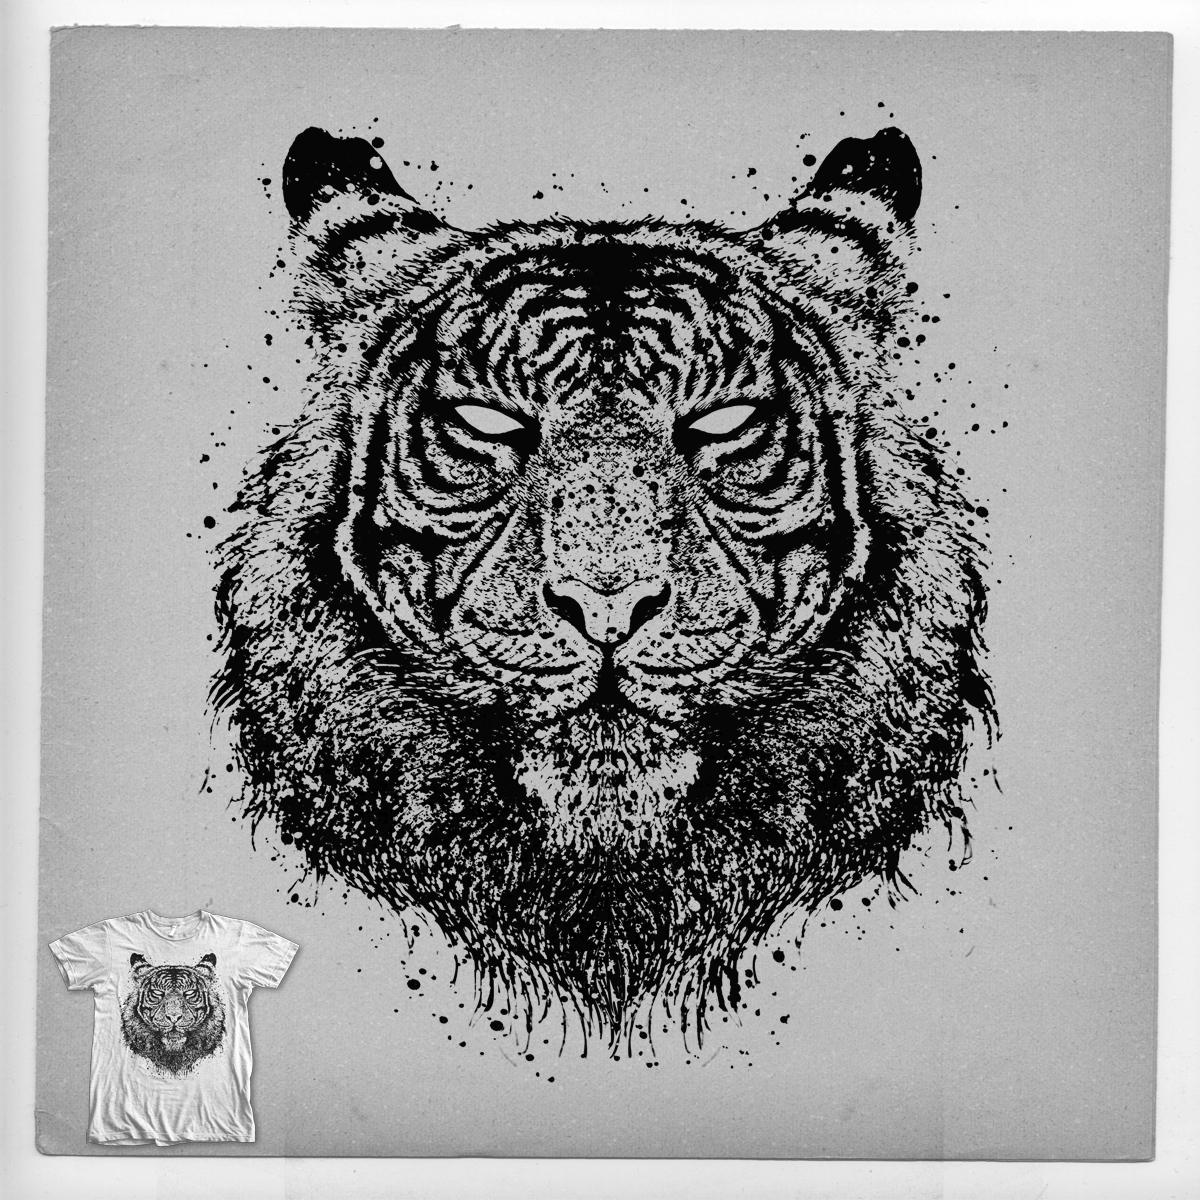 Tiger gaze by barmalisiRTB on Threadless